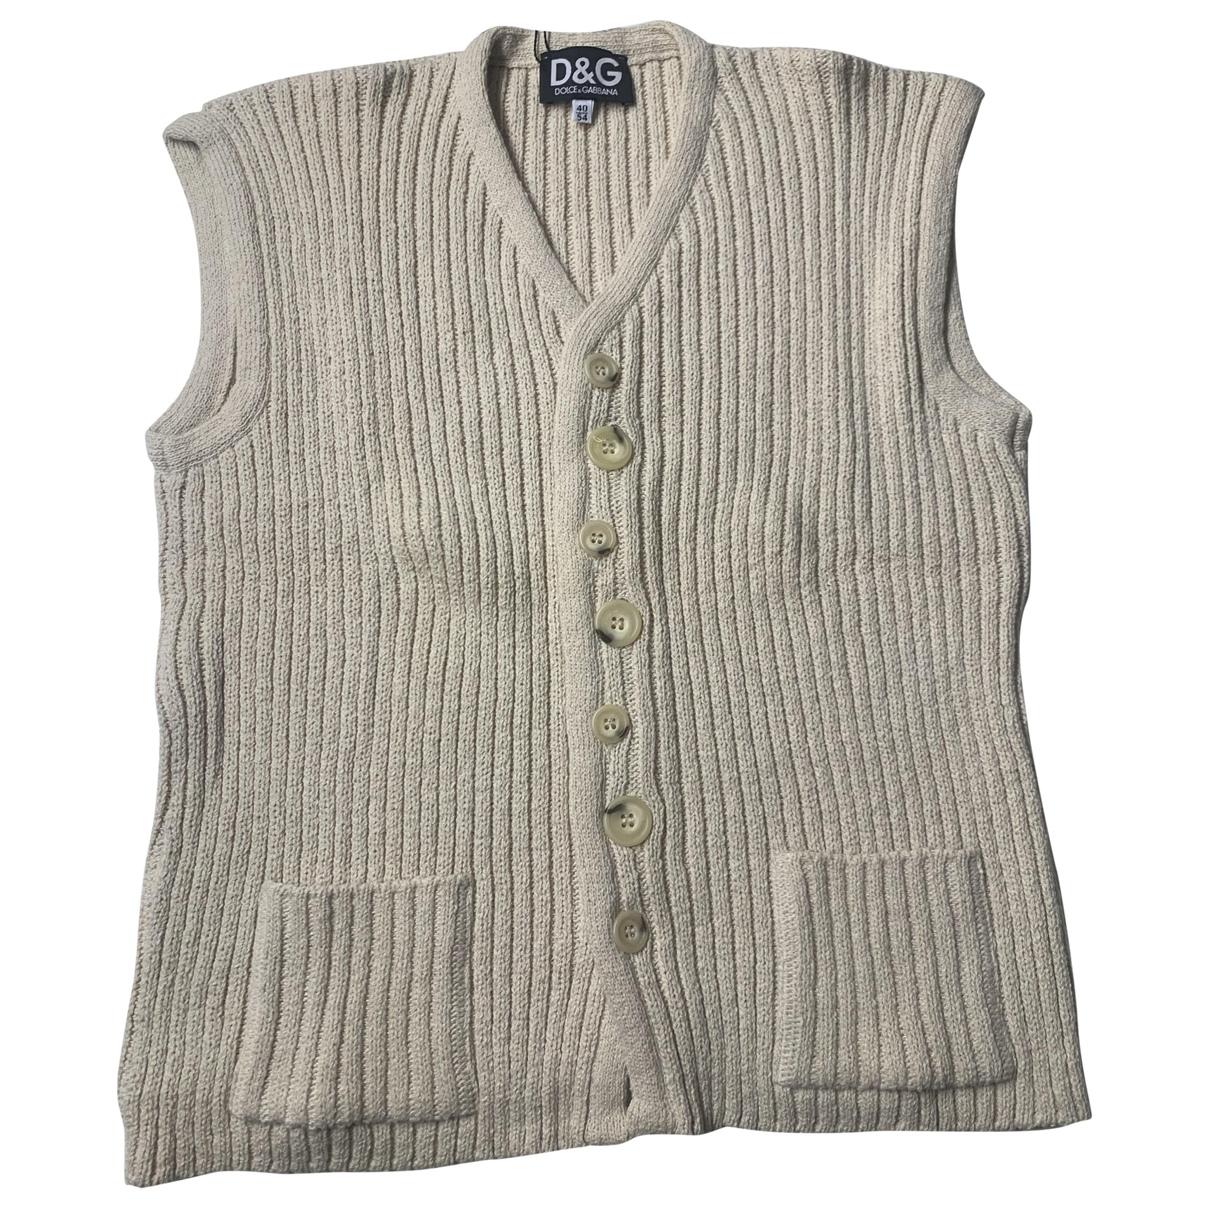 D&g \N Beige Cotton Knitwear & Sweatshirts for Men 54 IT